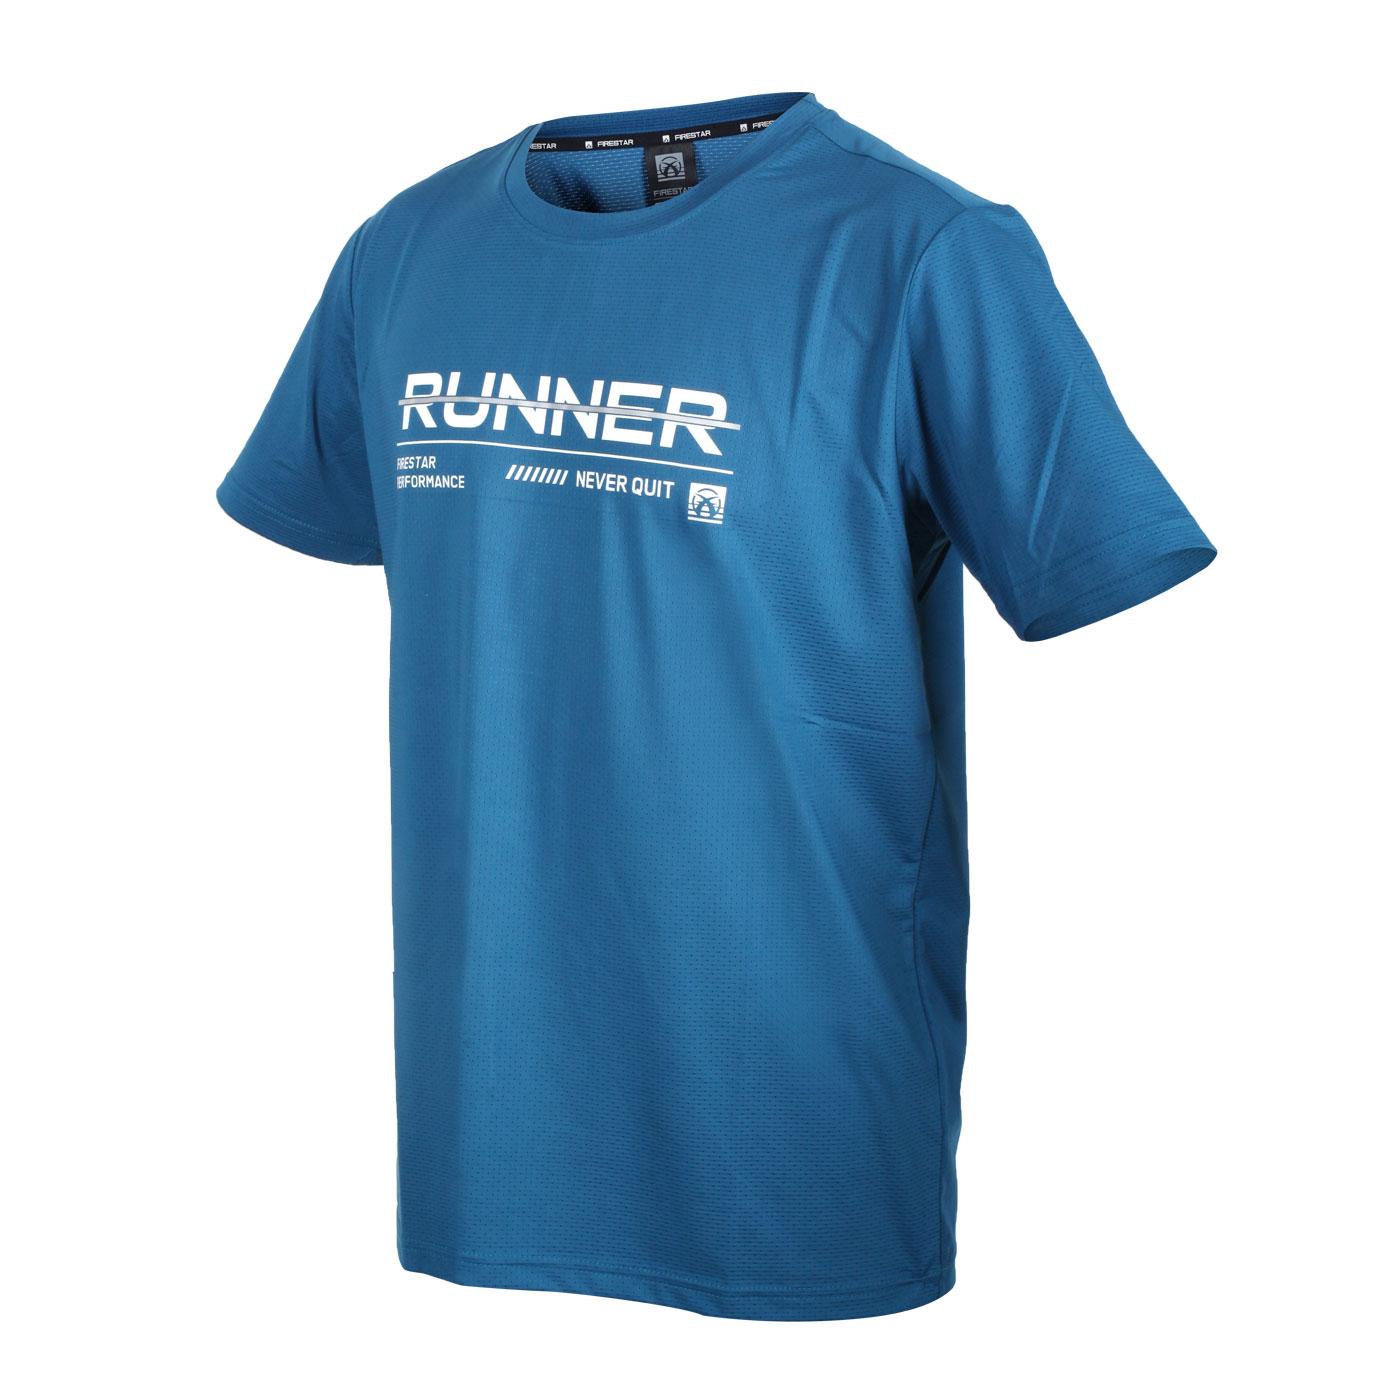 FIRESTAR 男款彈性印花圓領短袖T恤 D1736-98 - 藍白